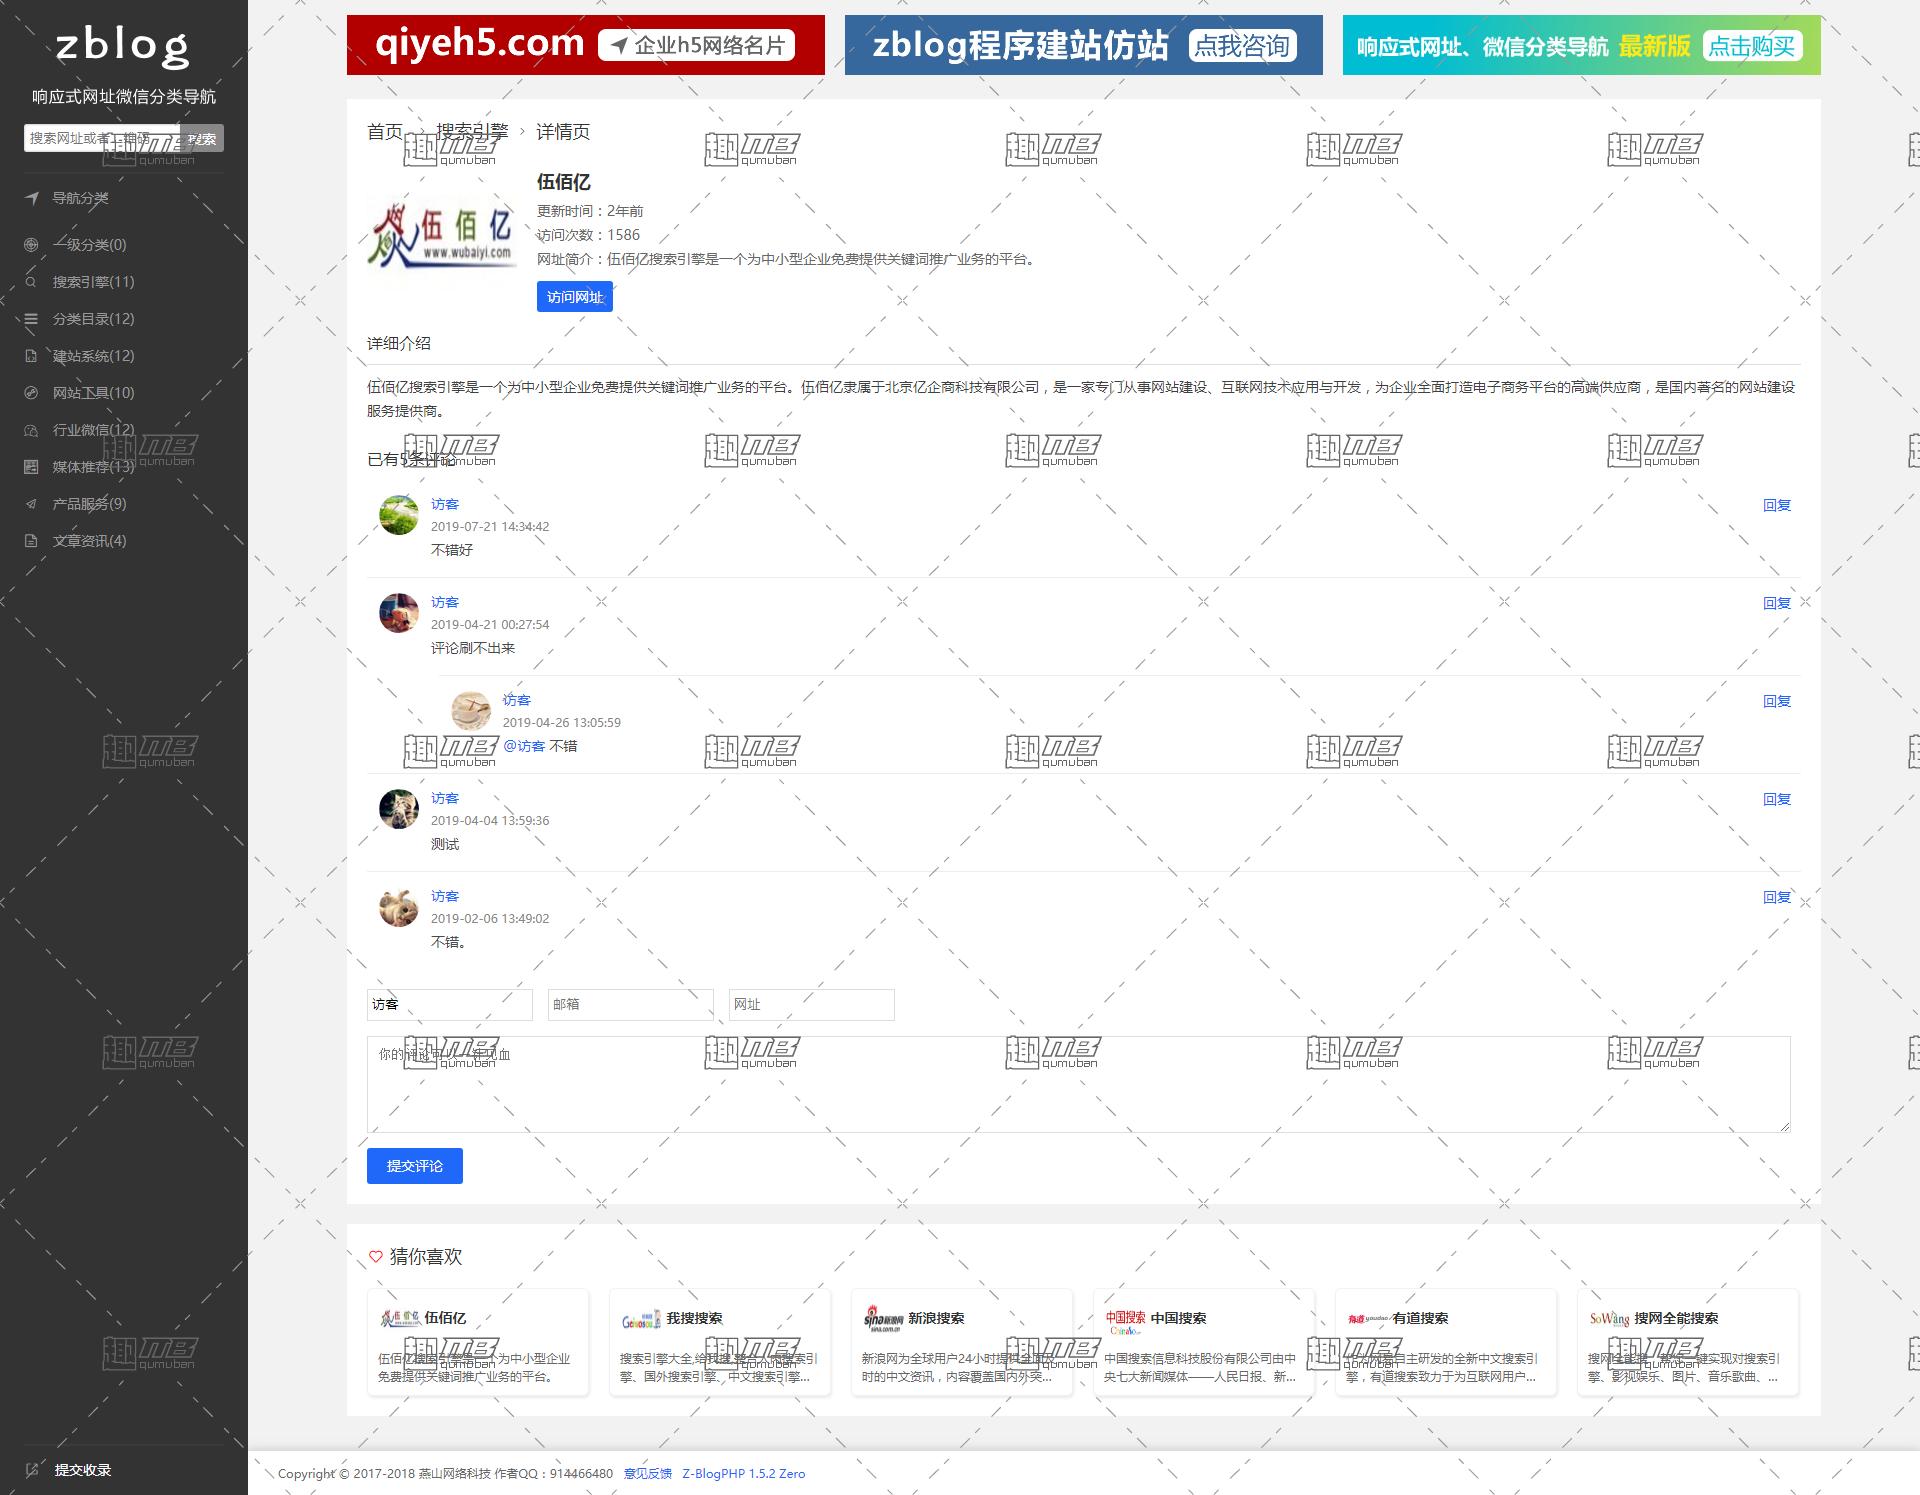 Z-BlogPHP响应式网址导航网站源码 微信分类导航主题模板